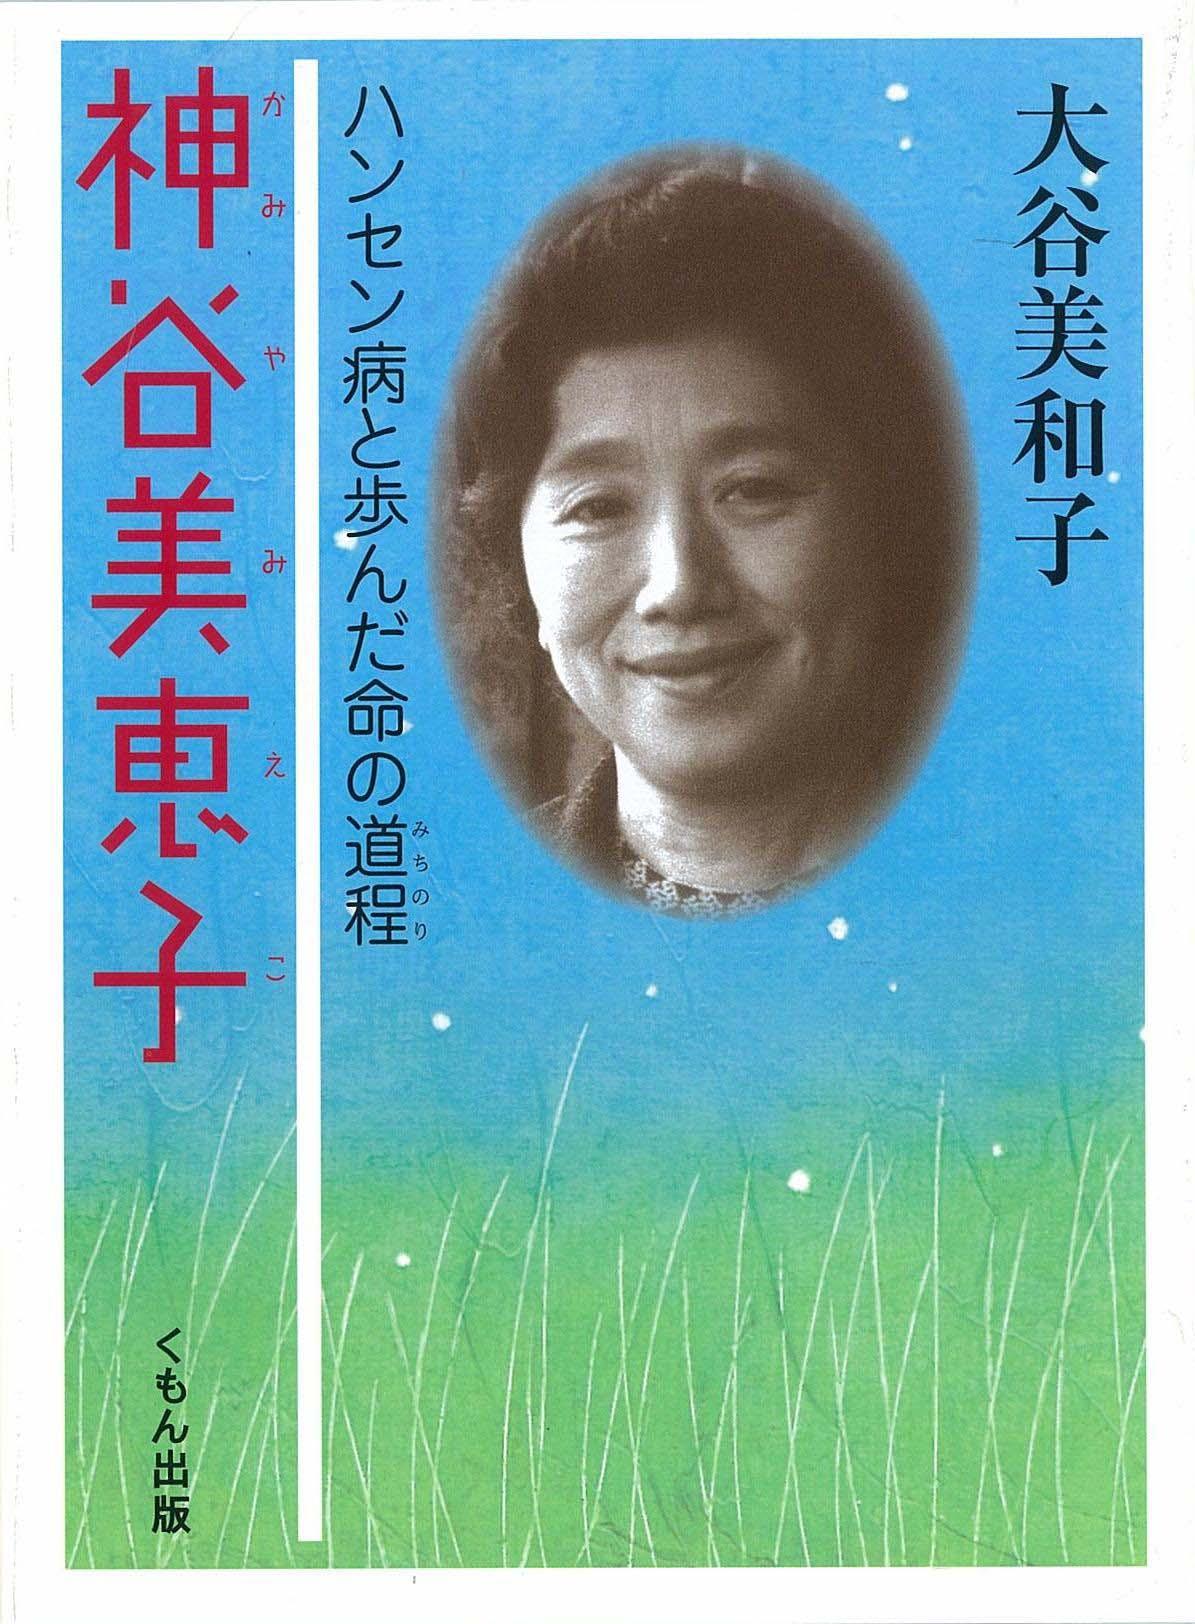 神谷美恵子ーハンセン病と歩んだ命の道程